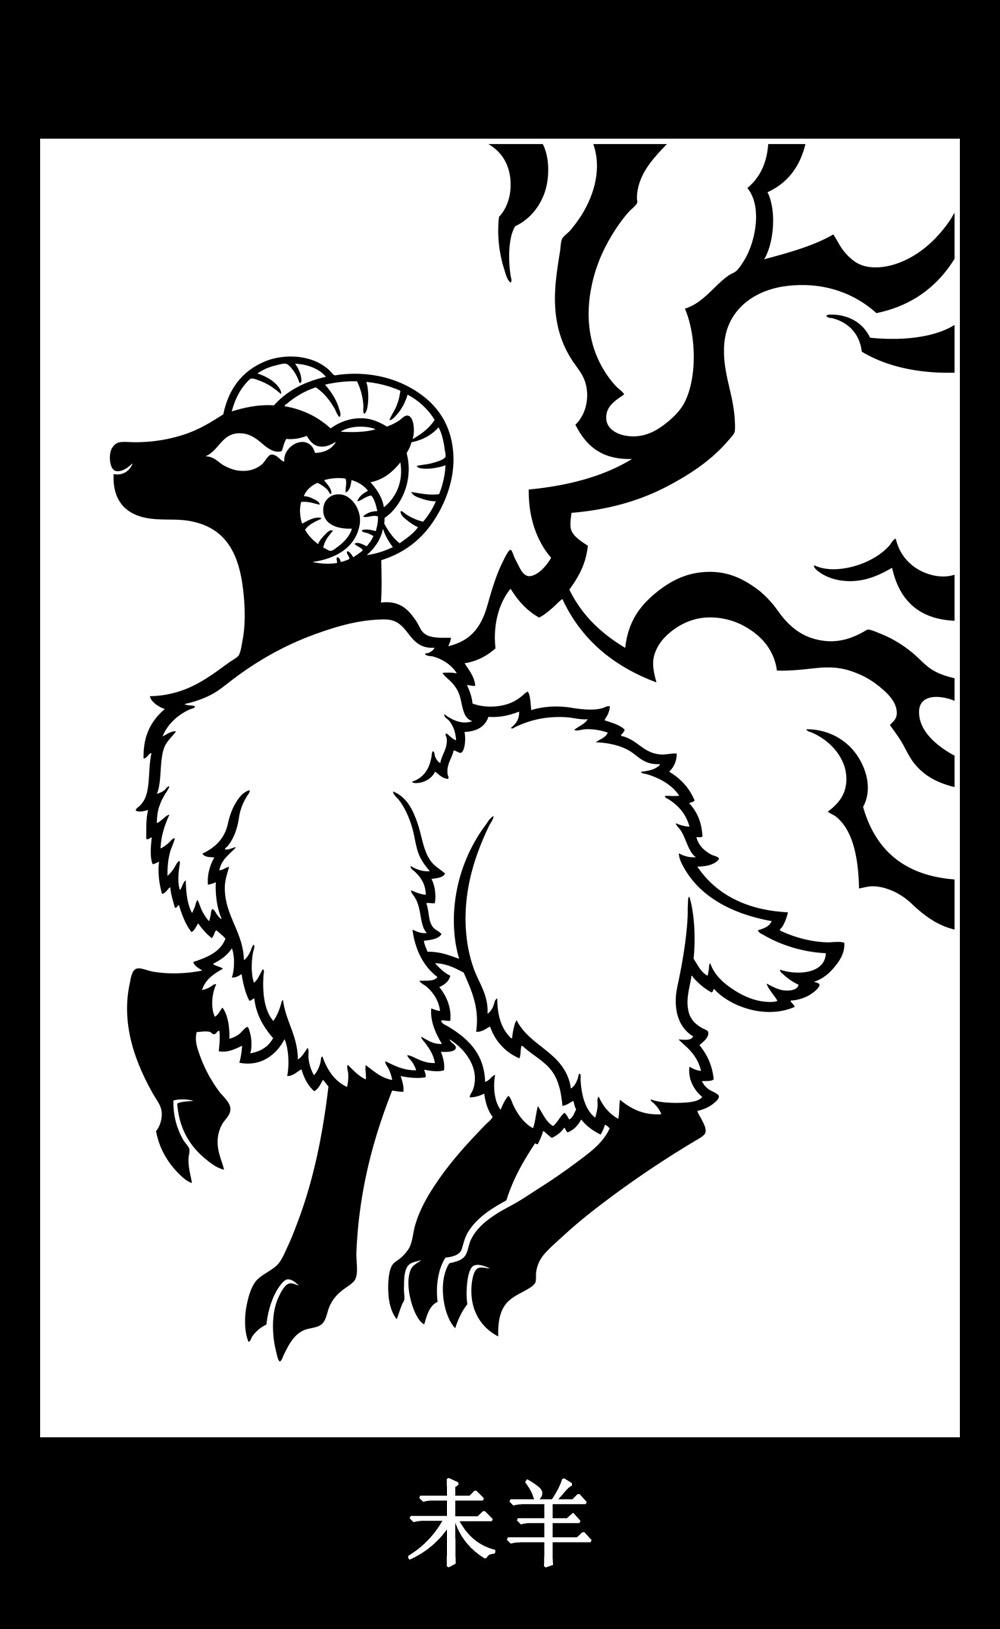 08 - 羊 - SCP-594 - 电气绵羊